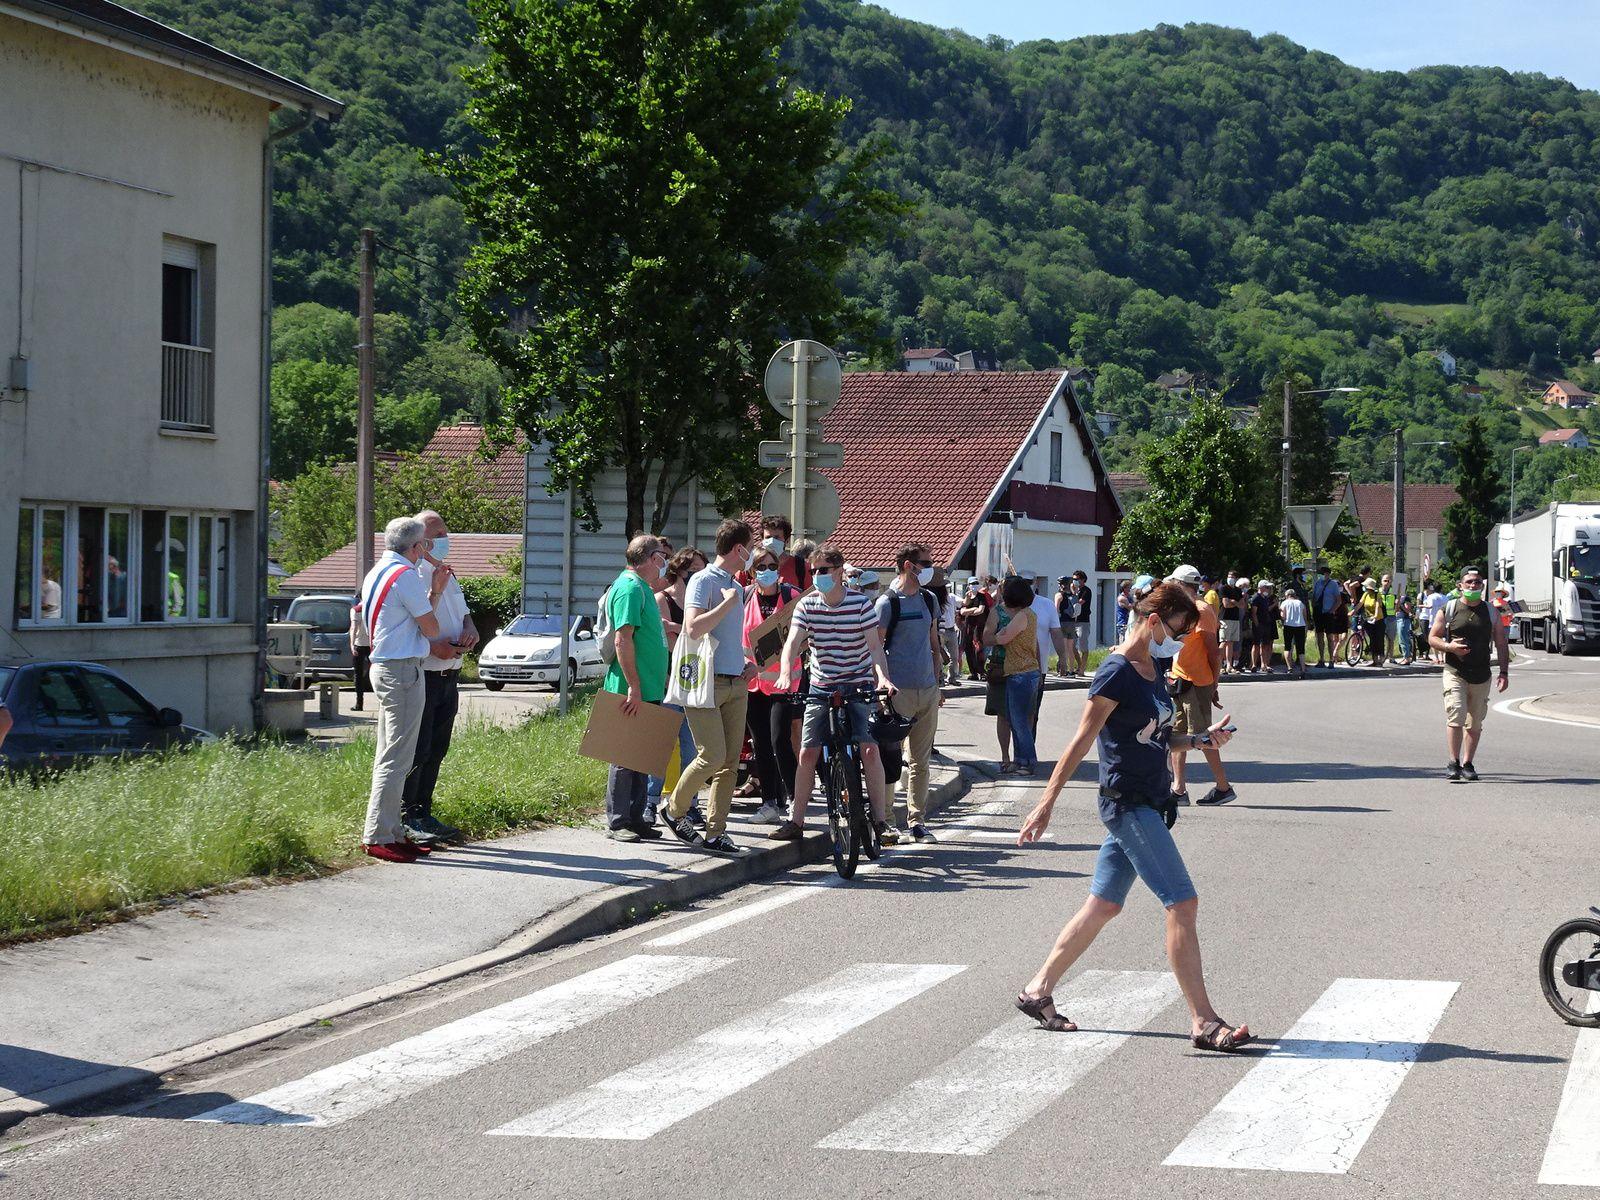 Manifestation : RN83/RN57 au rond-point de Beure